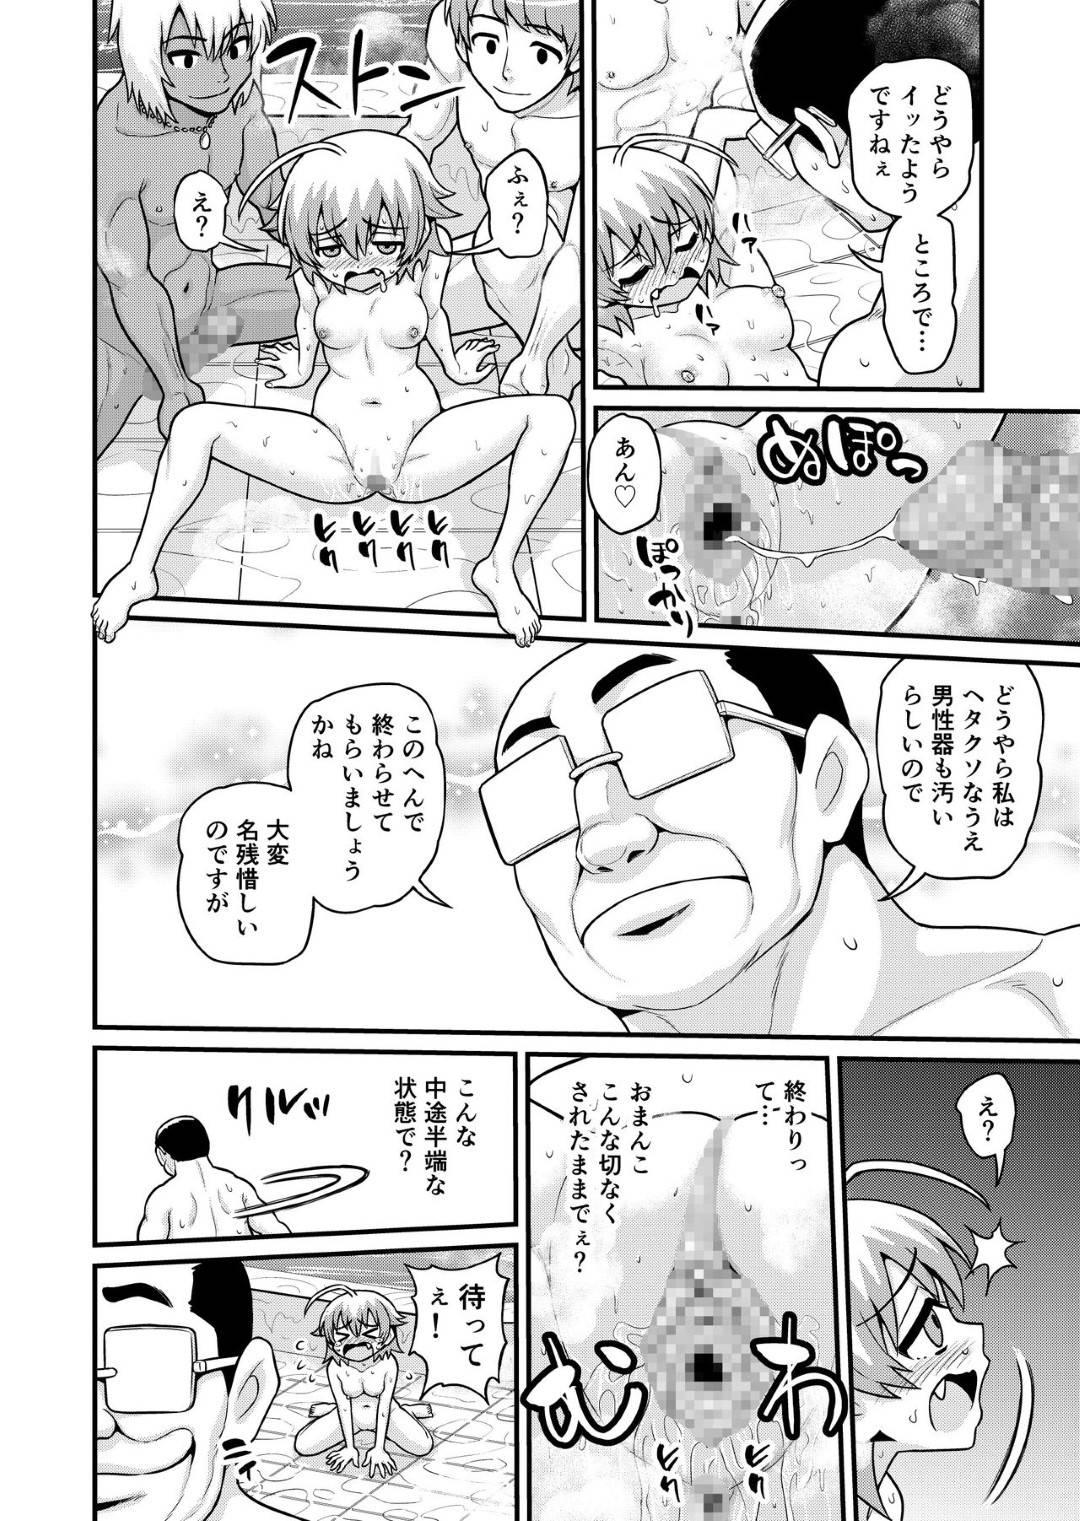 【催眠孕ませエロ漫画】おじさんに催眠術をかけられた男達は、女の子を露天風呂で犯す。そこへ催眠術おじさんが現れると中出しセックスで孕ませる【がちょん次郎】